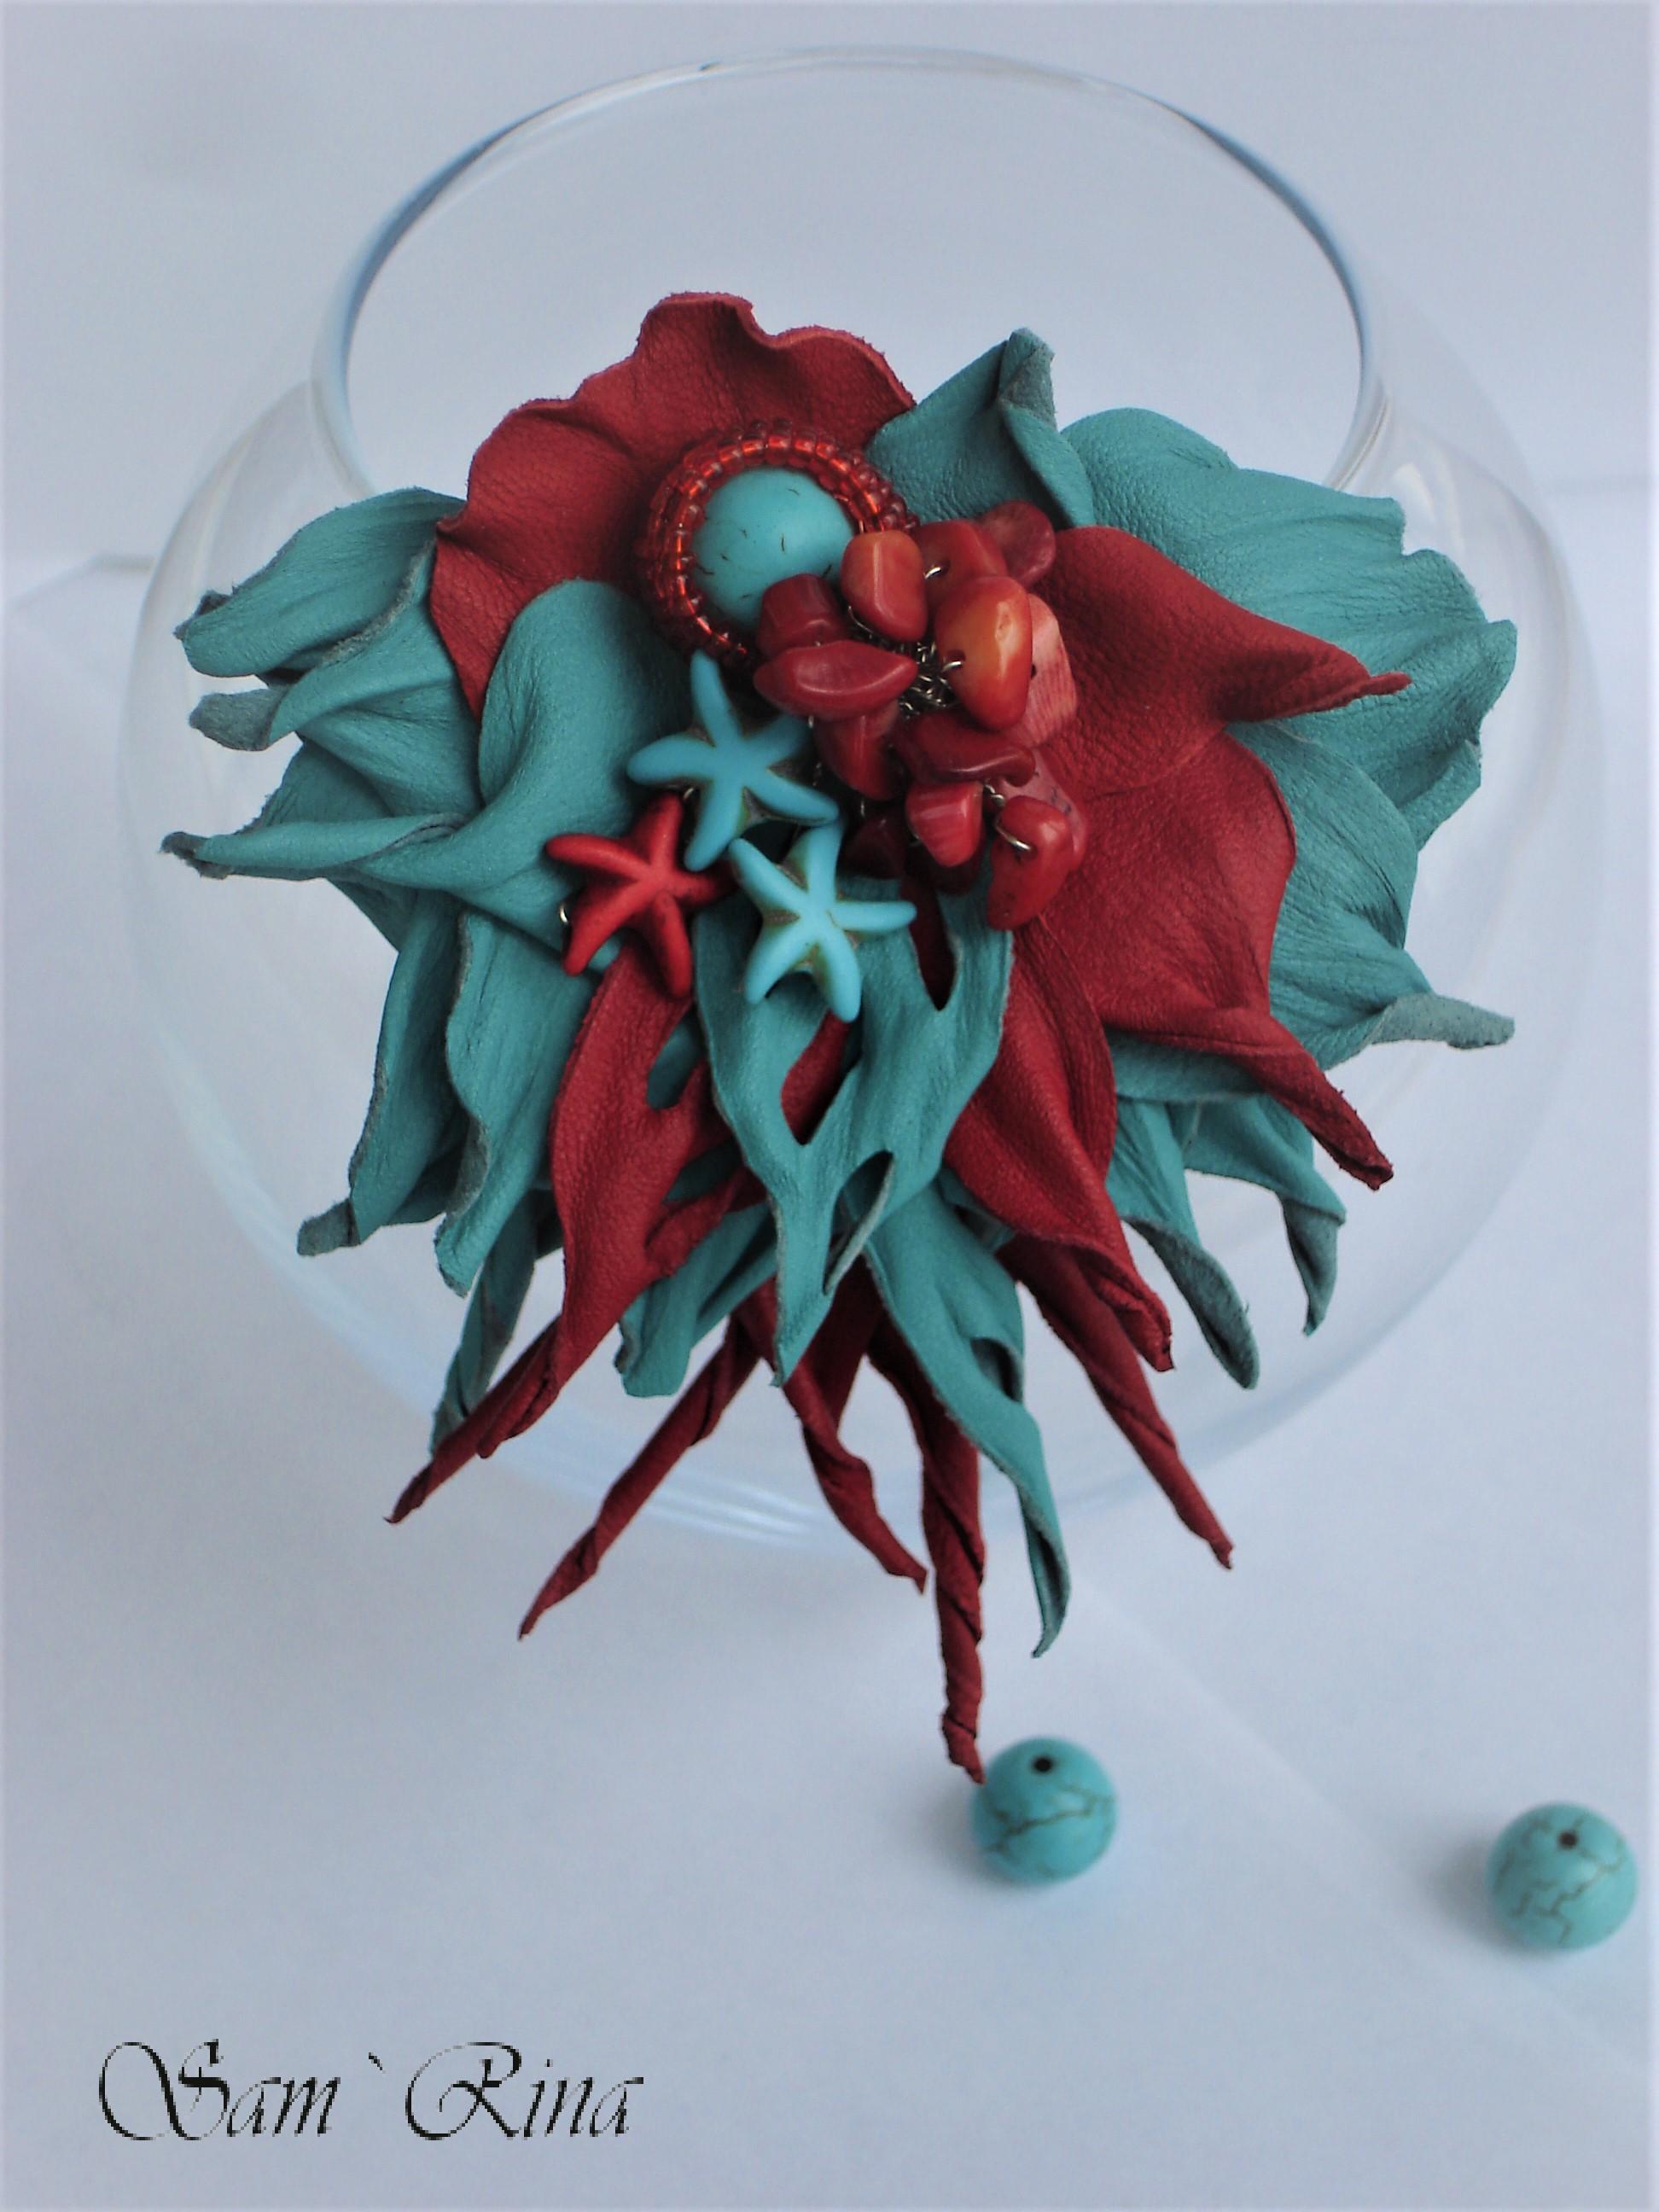 ручнаяработа акссесуары простокрасотка хочутакую брошь украшение цветокизкожи handmade творчество своимируками